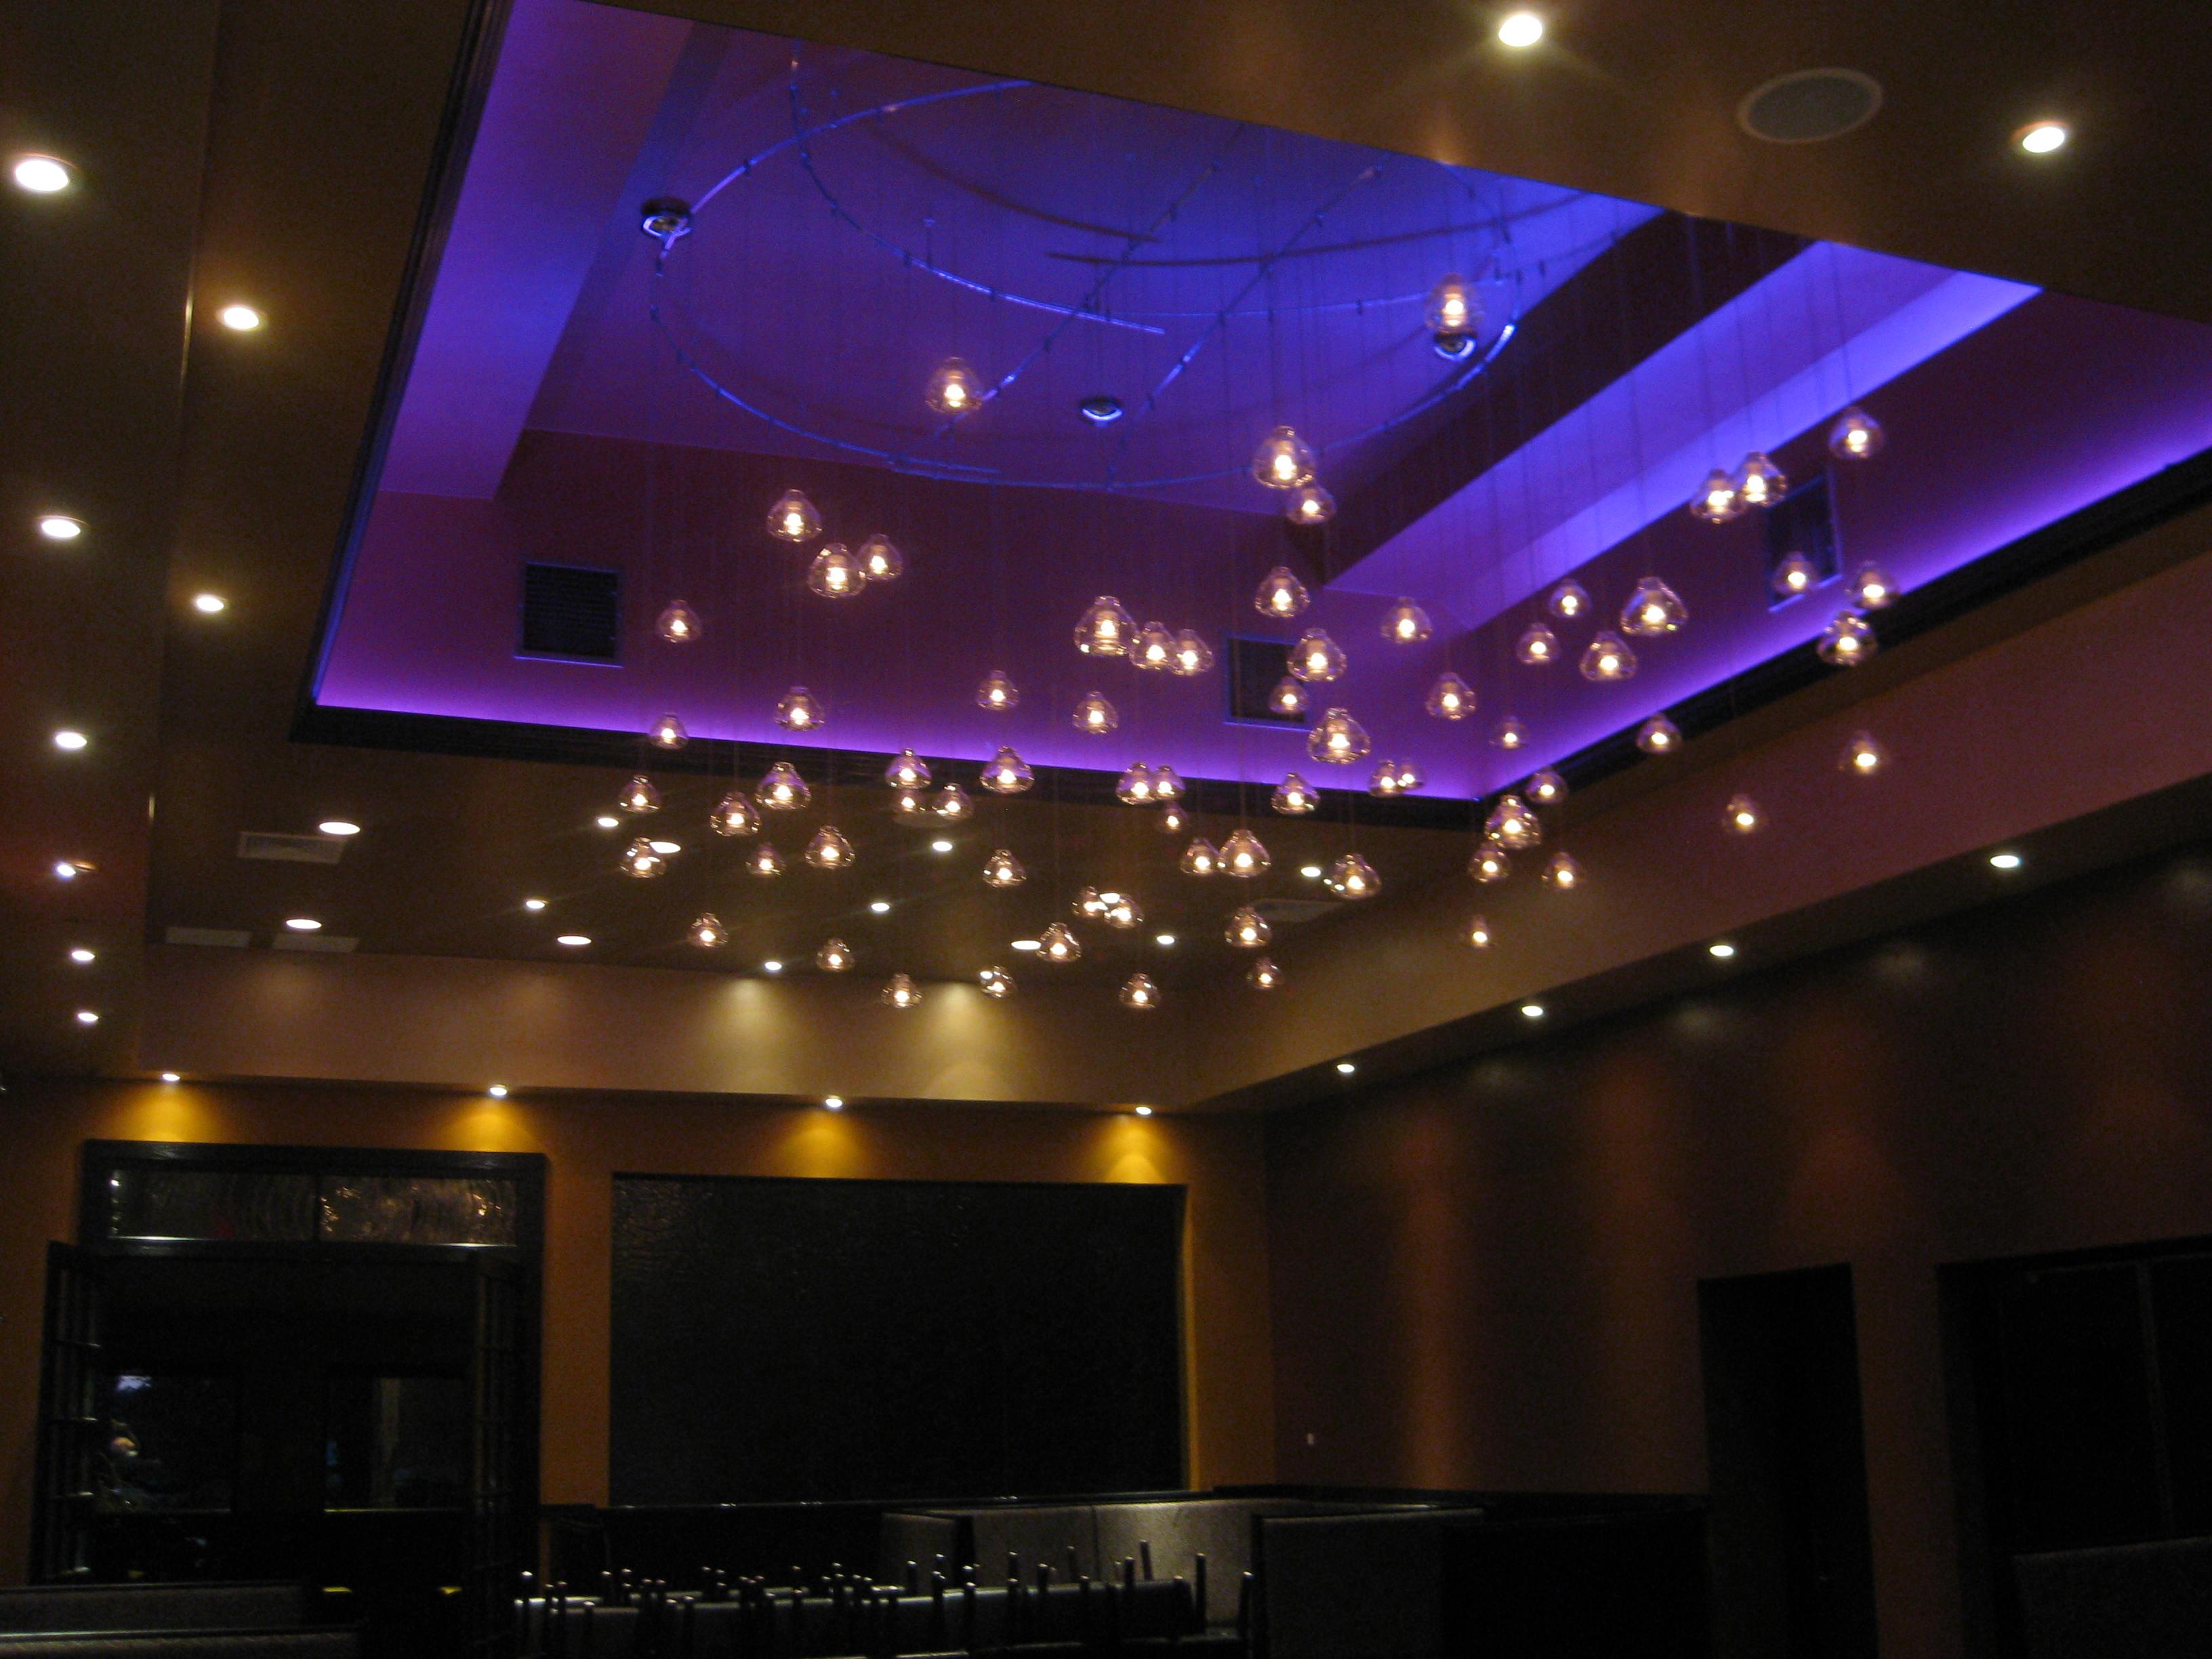 Luchento 39 s ristorante - Home lighting ideas ceiling ...